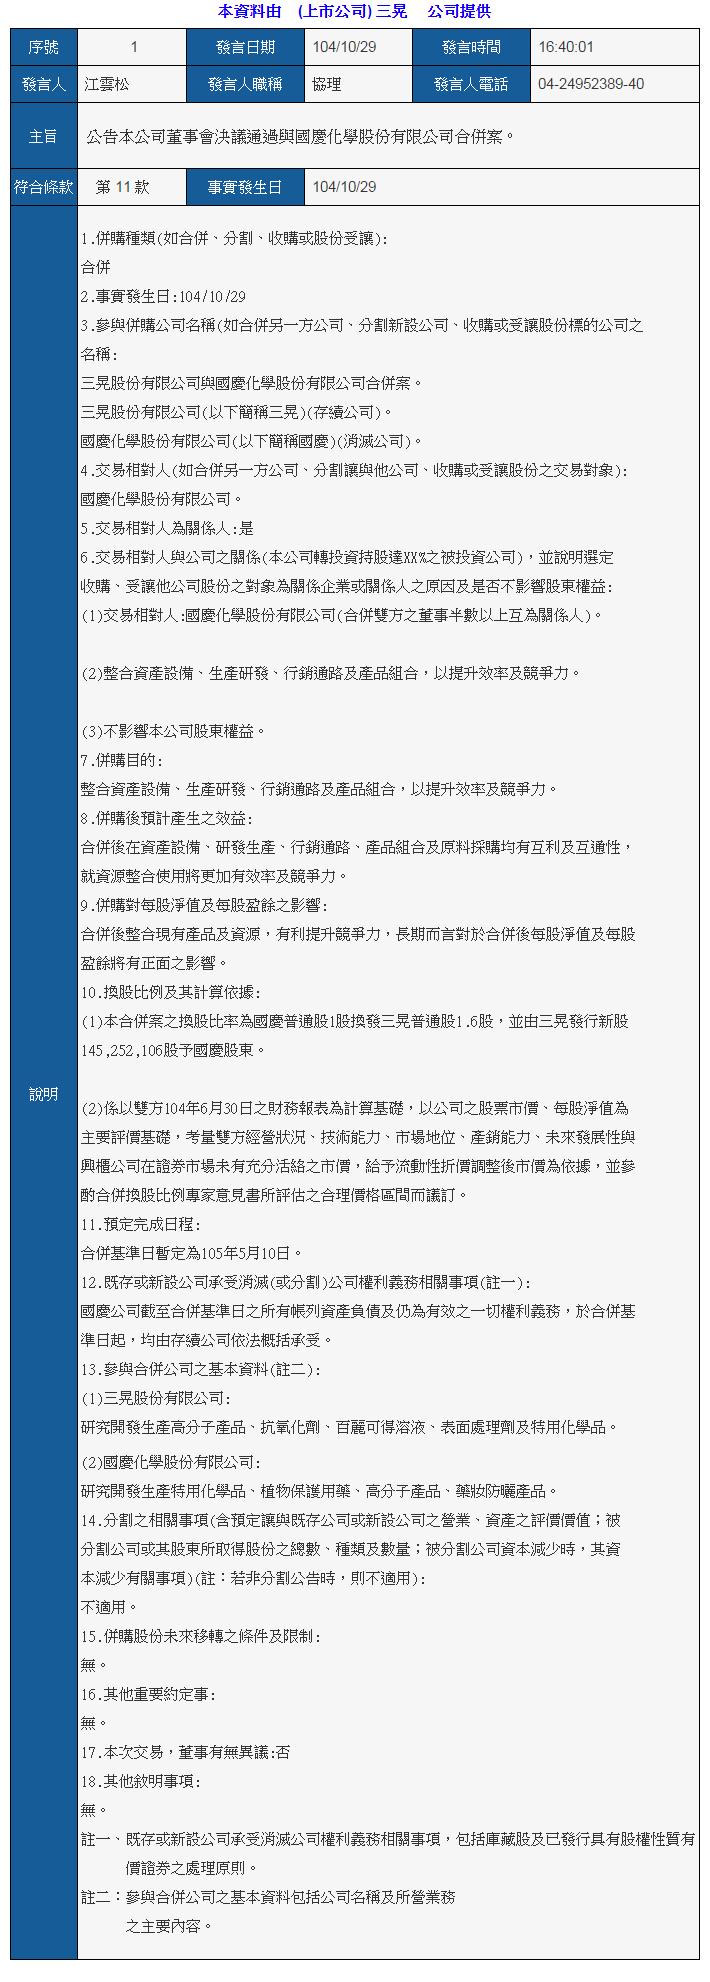 公告本公司董事會決議通過與國慶化學股份有限公司合併案